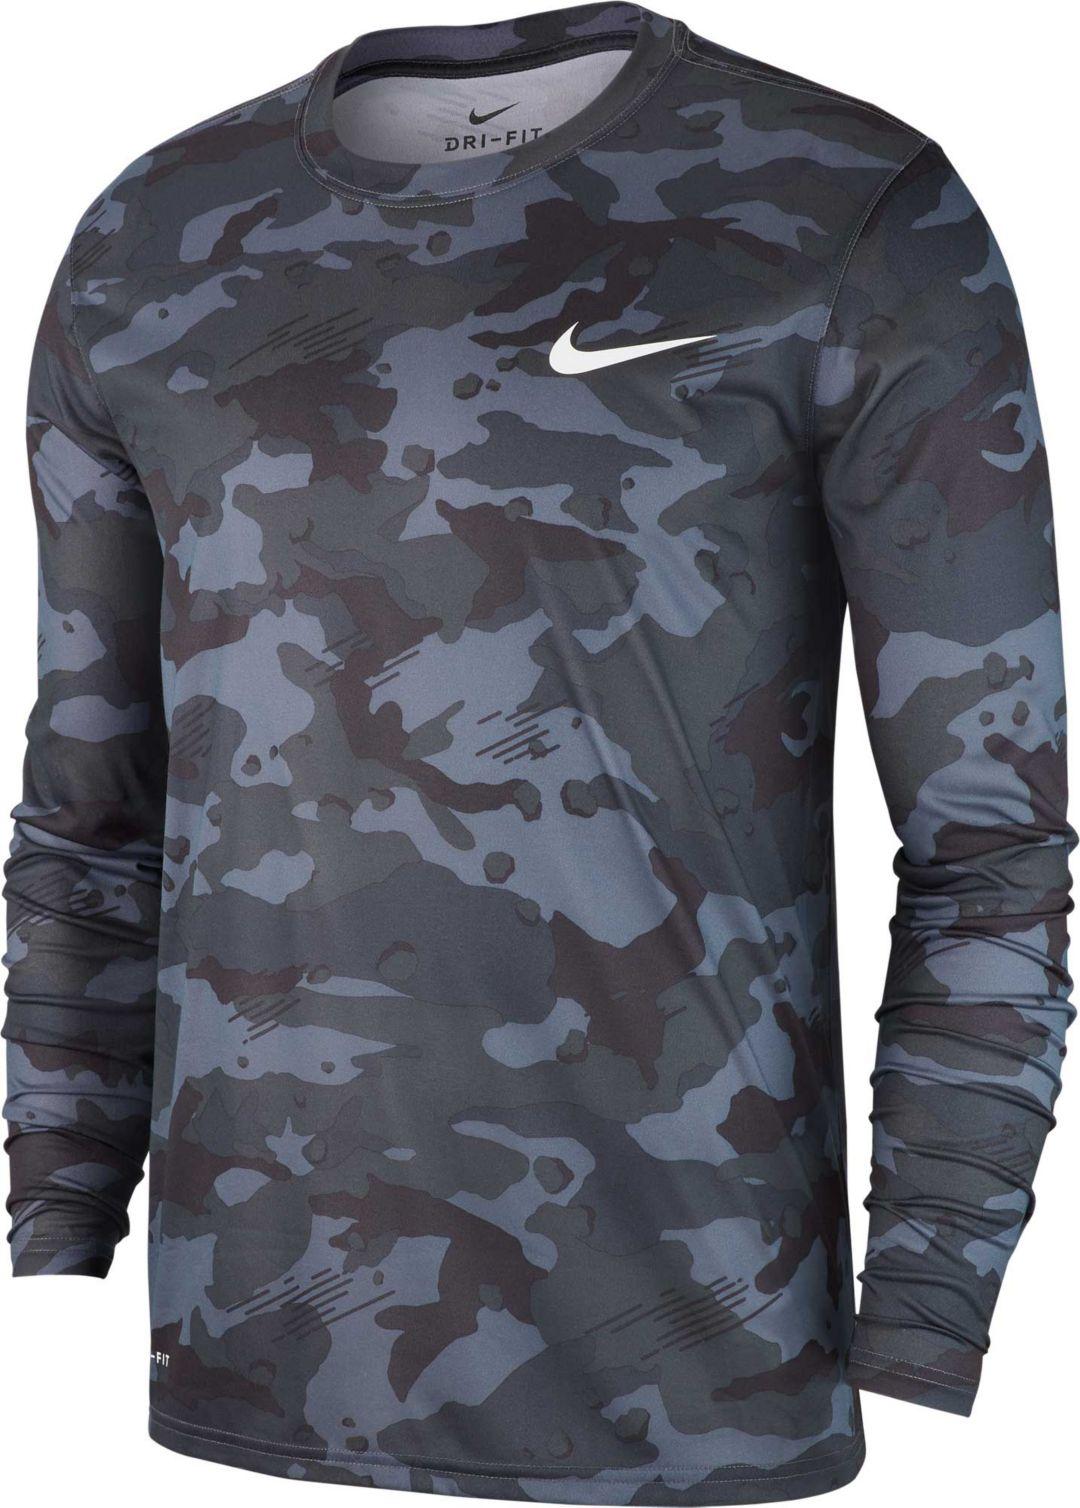 5292e260 Nike Men's Dry Legend Camo Long Sleeve Tee. noImageFound. Previous